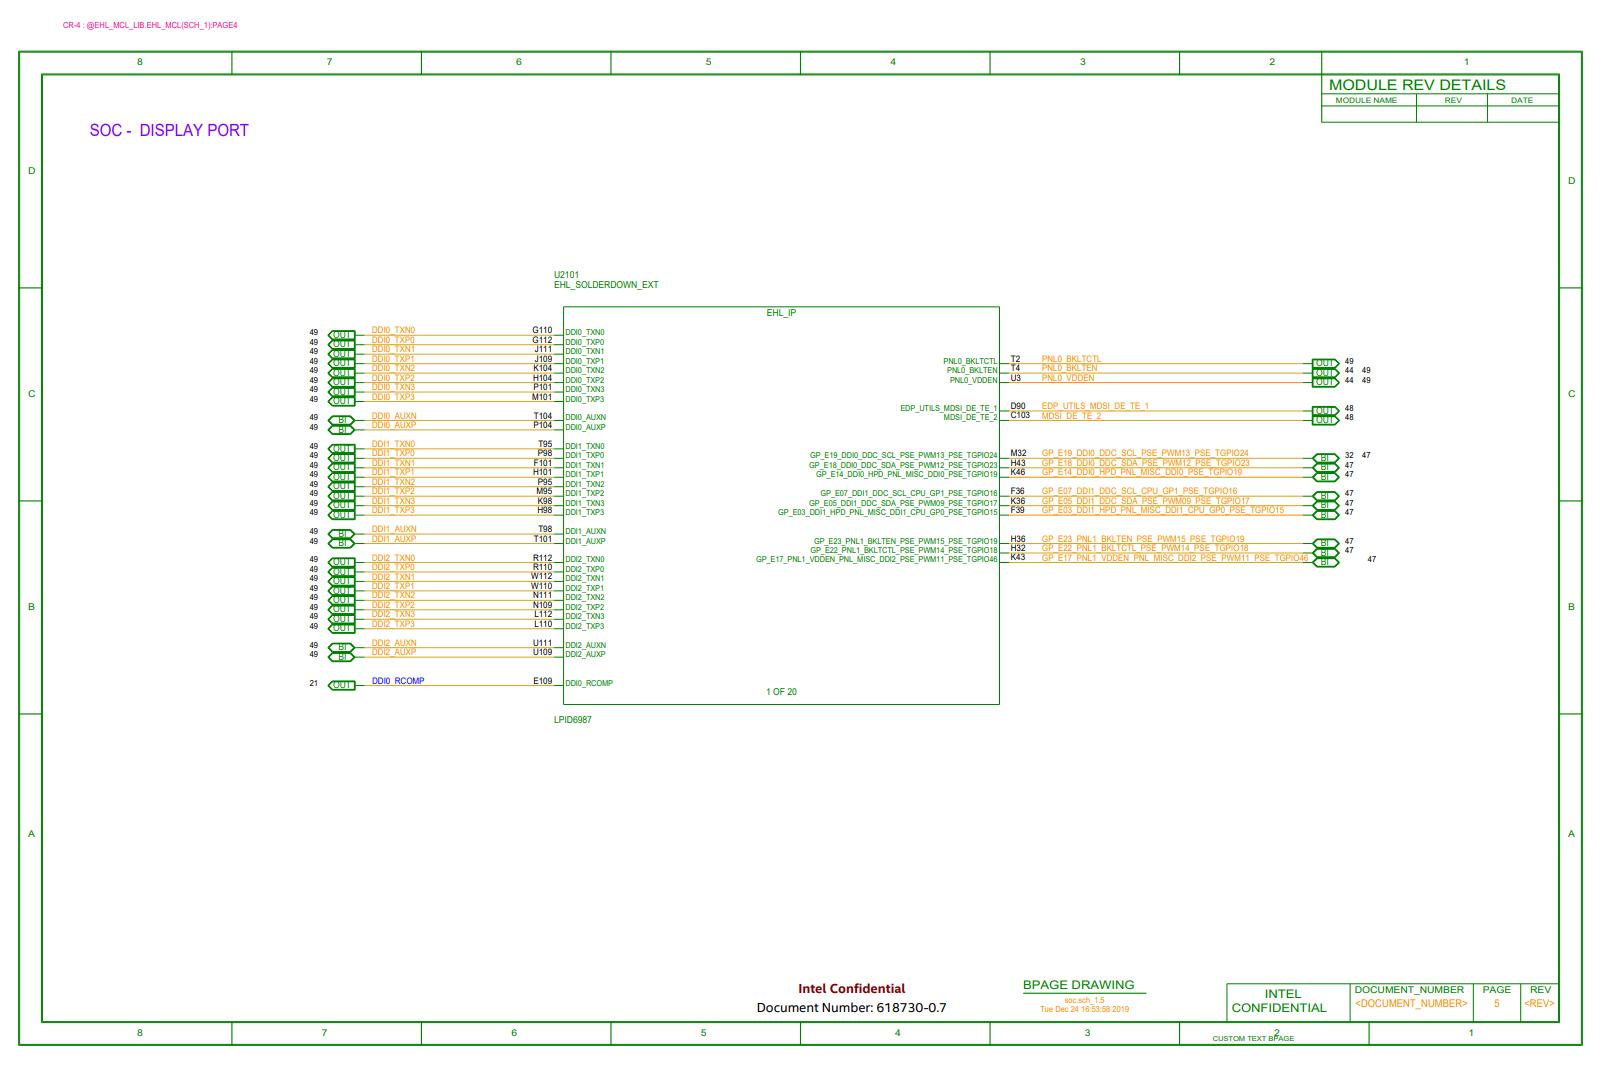 Анализ данных из последнего слива Intel - 21